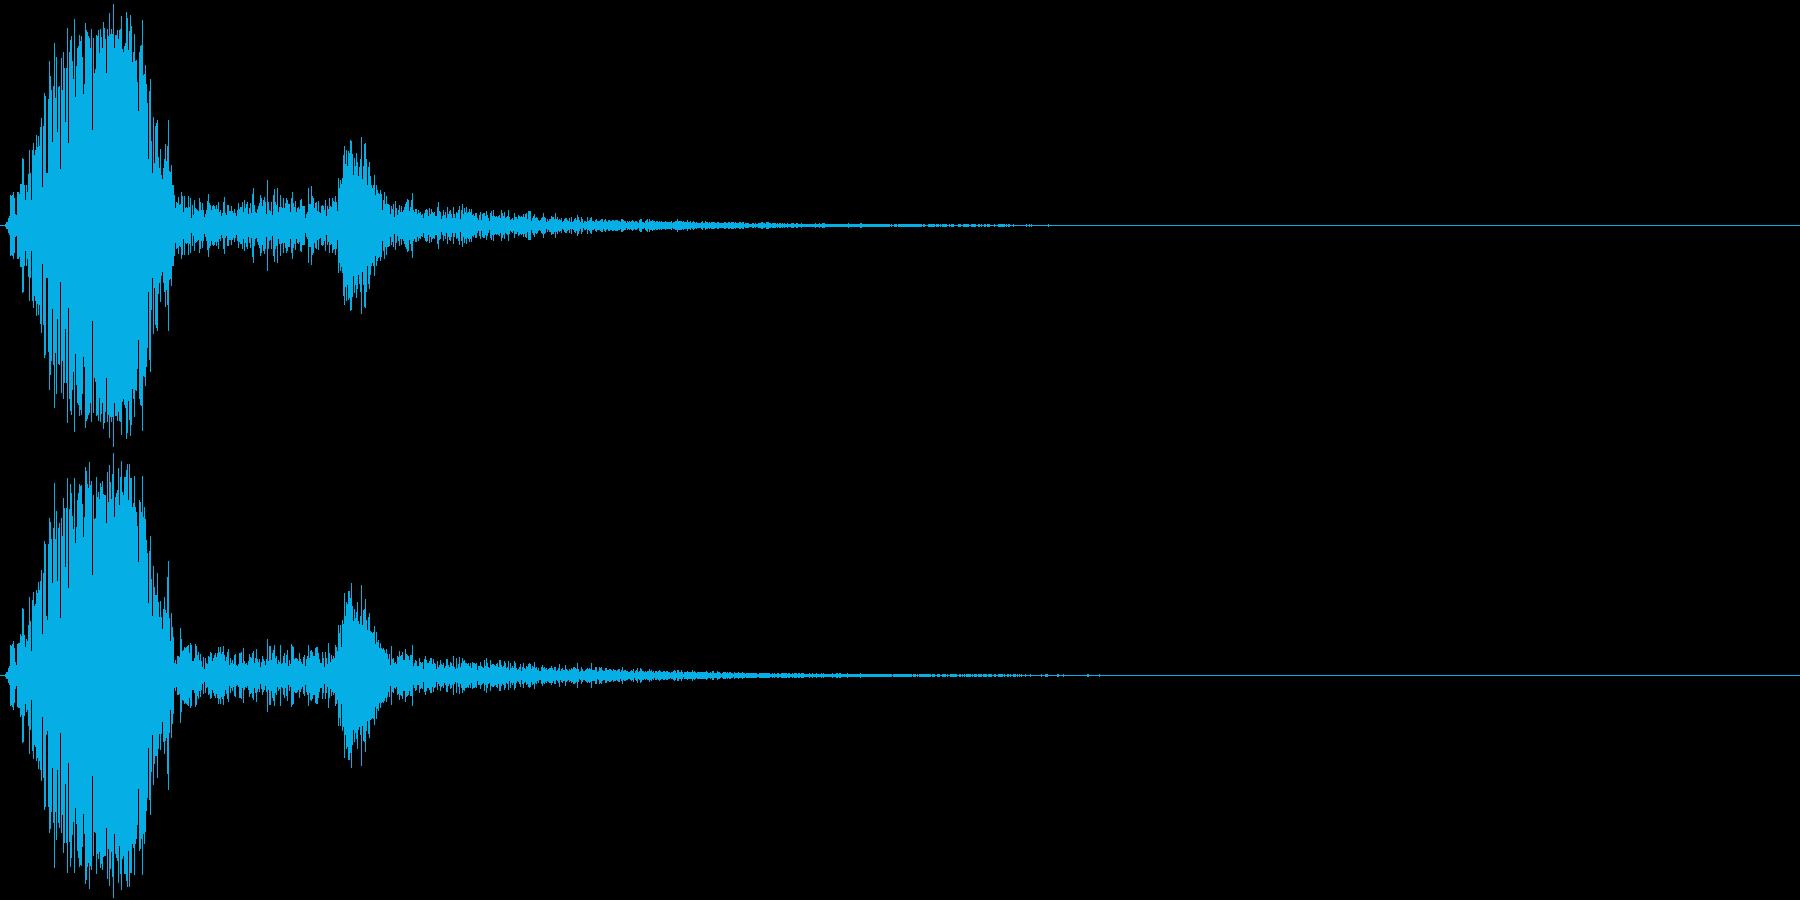 KAKUGE 格闘ゲーム戦闘音 70の再生済みの波形